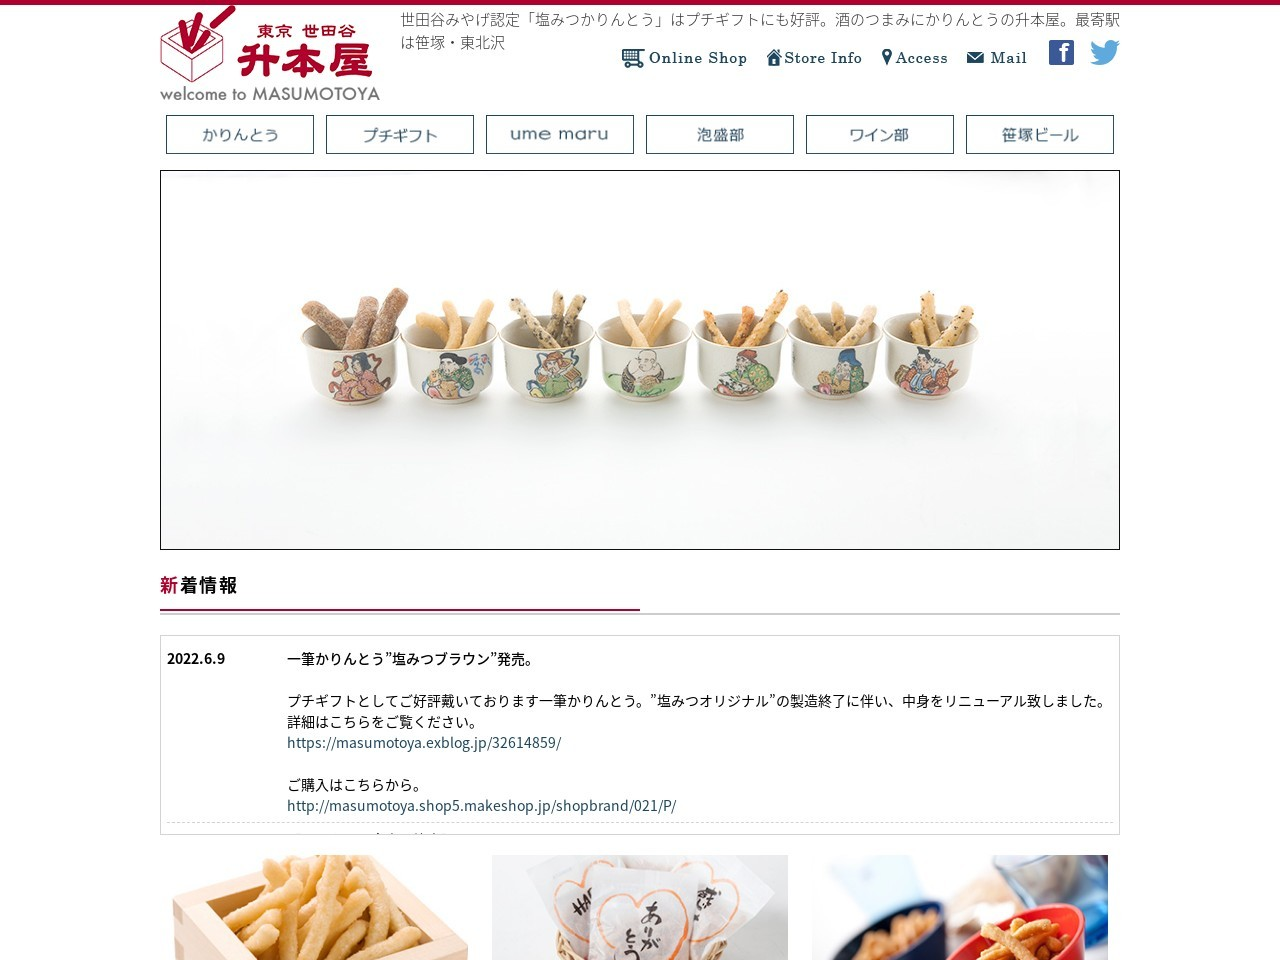 笹塚駅から徒歩5分/東北沢から徒歩8分 「東京 世田谷 升本屋」